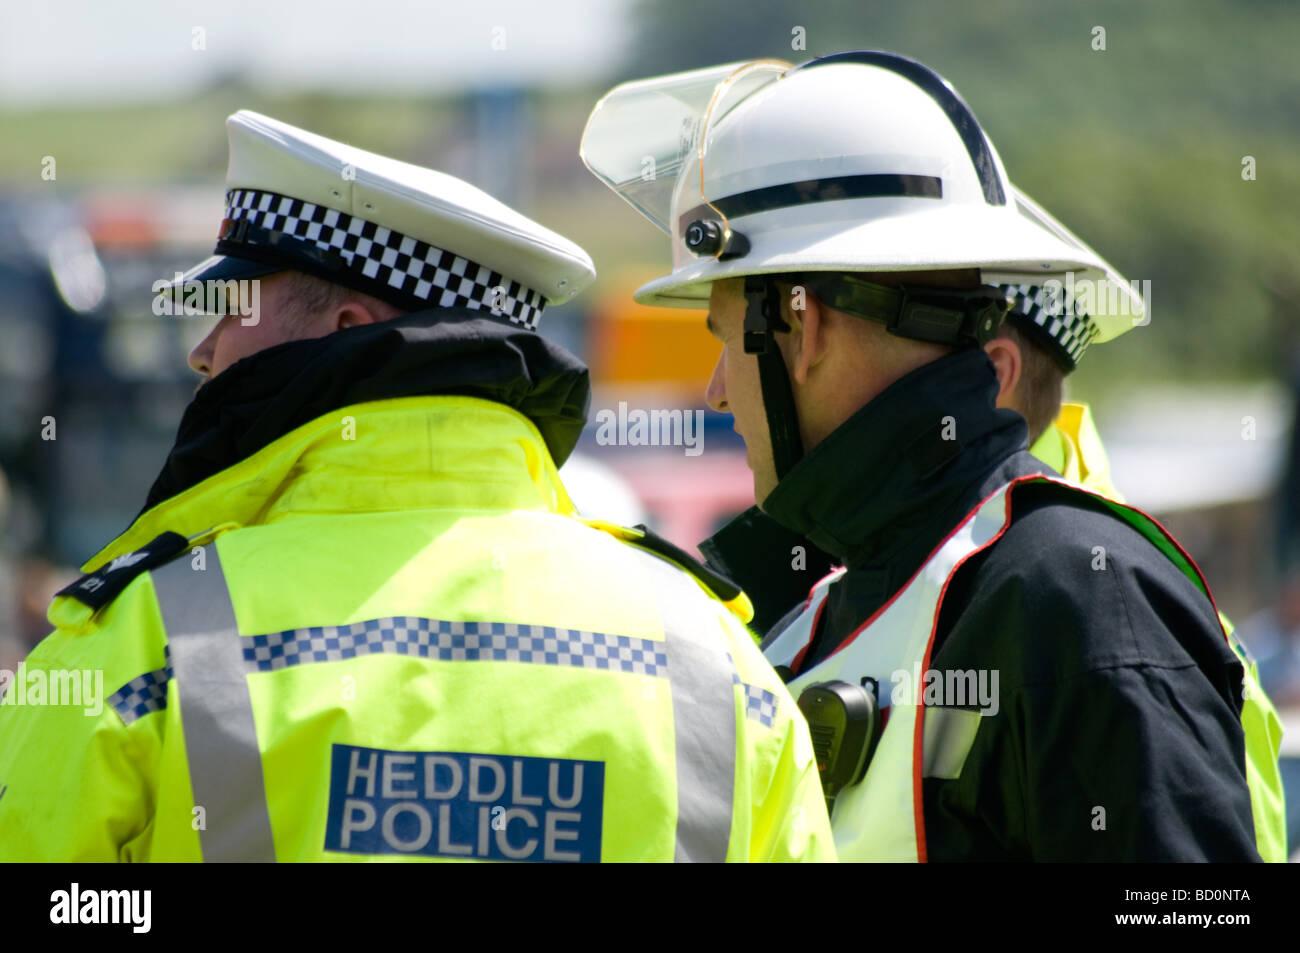 La Police Trafic parler à des équipes d'incendie à un ACR. Accident de la circulation. Photo Stock